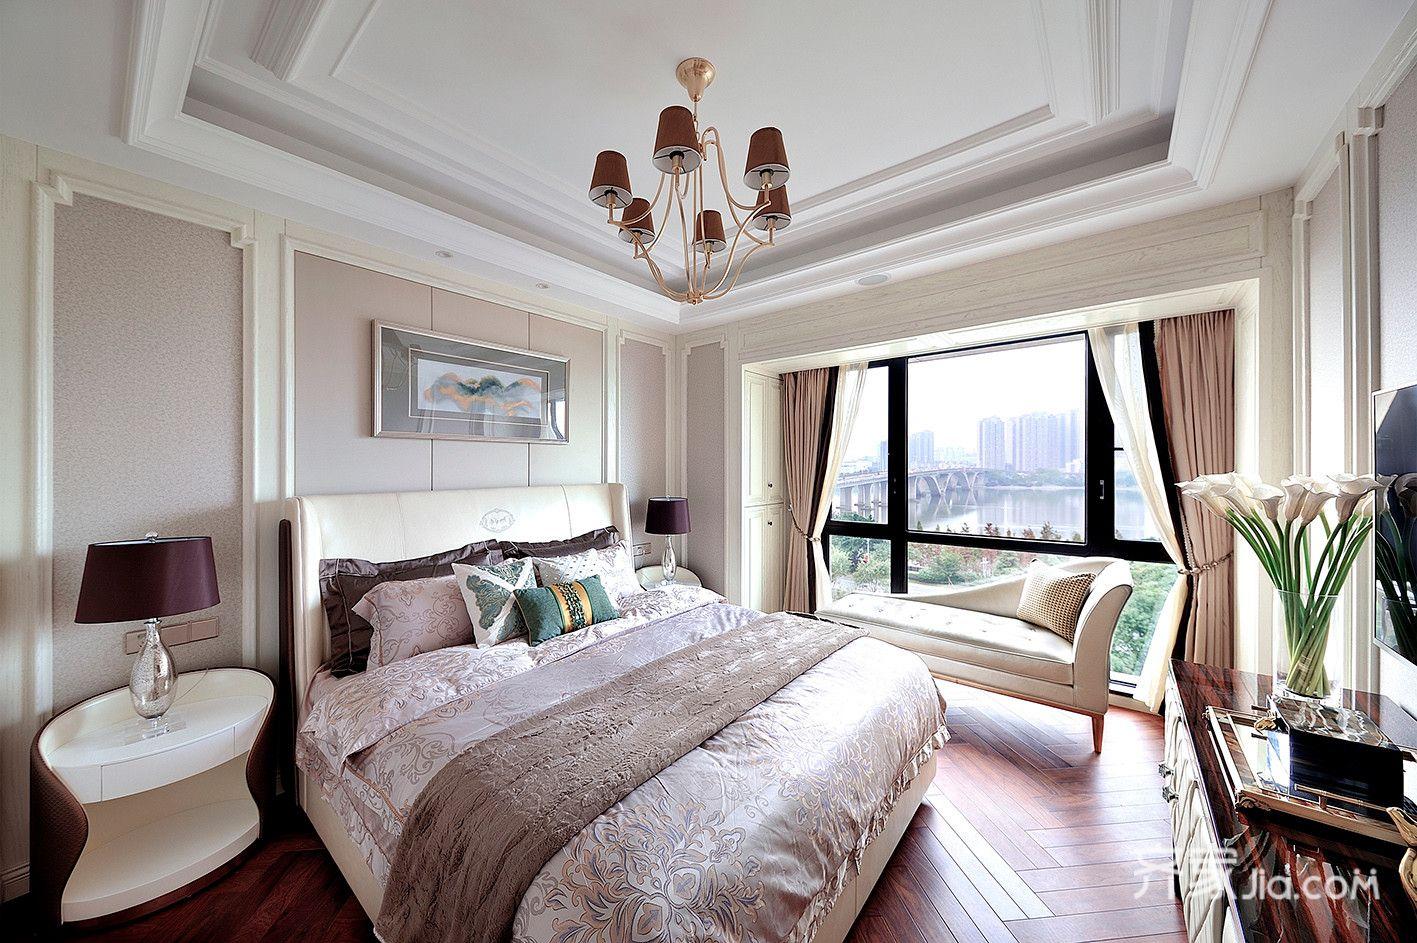 透亮的落地窗让房间盛满暖阳,纯粹中添了些生活的温情